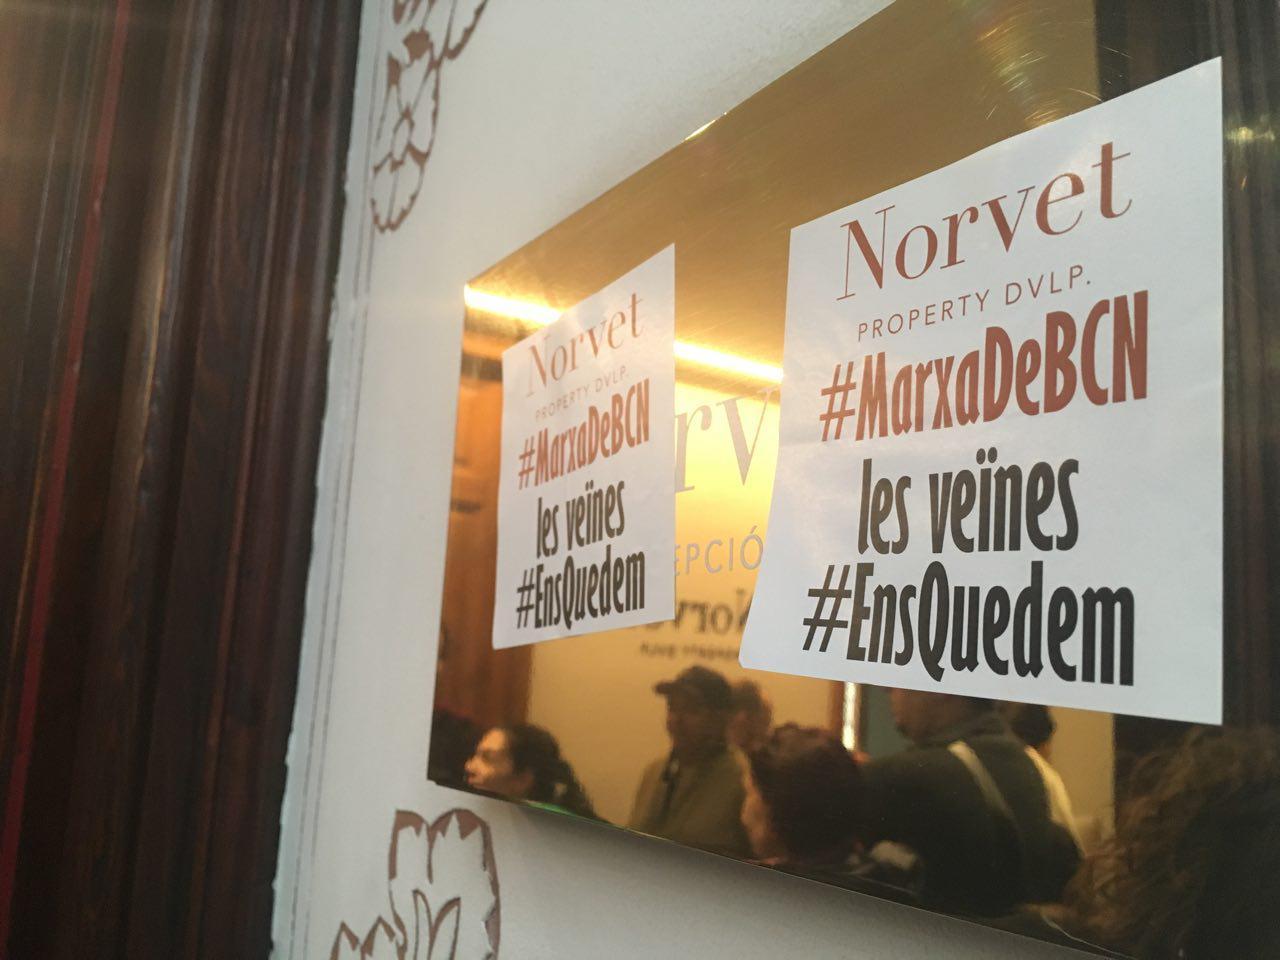 Ocupan las oficinas de Norvet para reclamar que detengan el desahucio de un vecino de Poble Sec